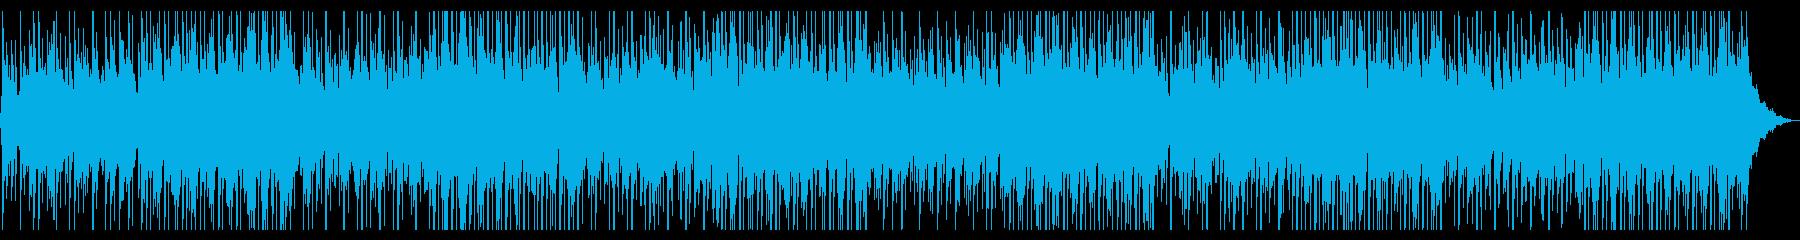 レトロ感のあるソウルポップの再生済みの波形